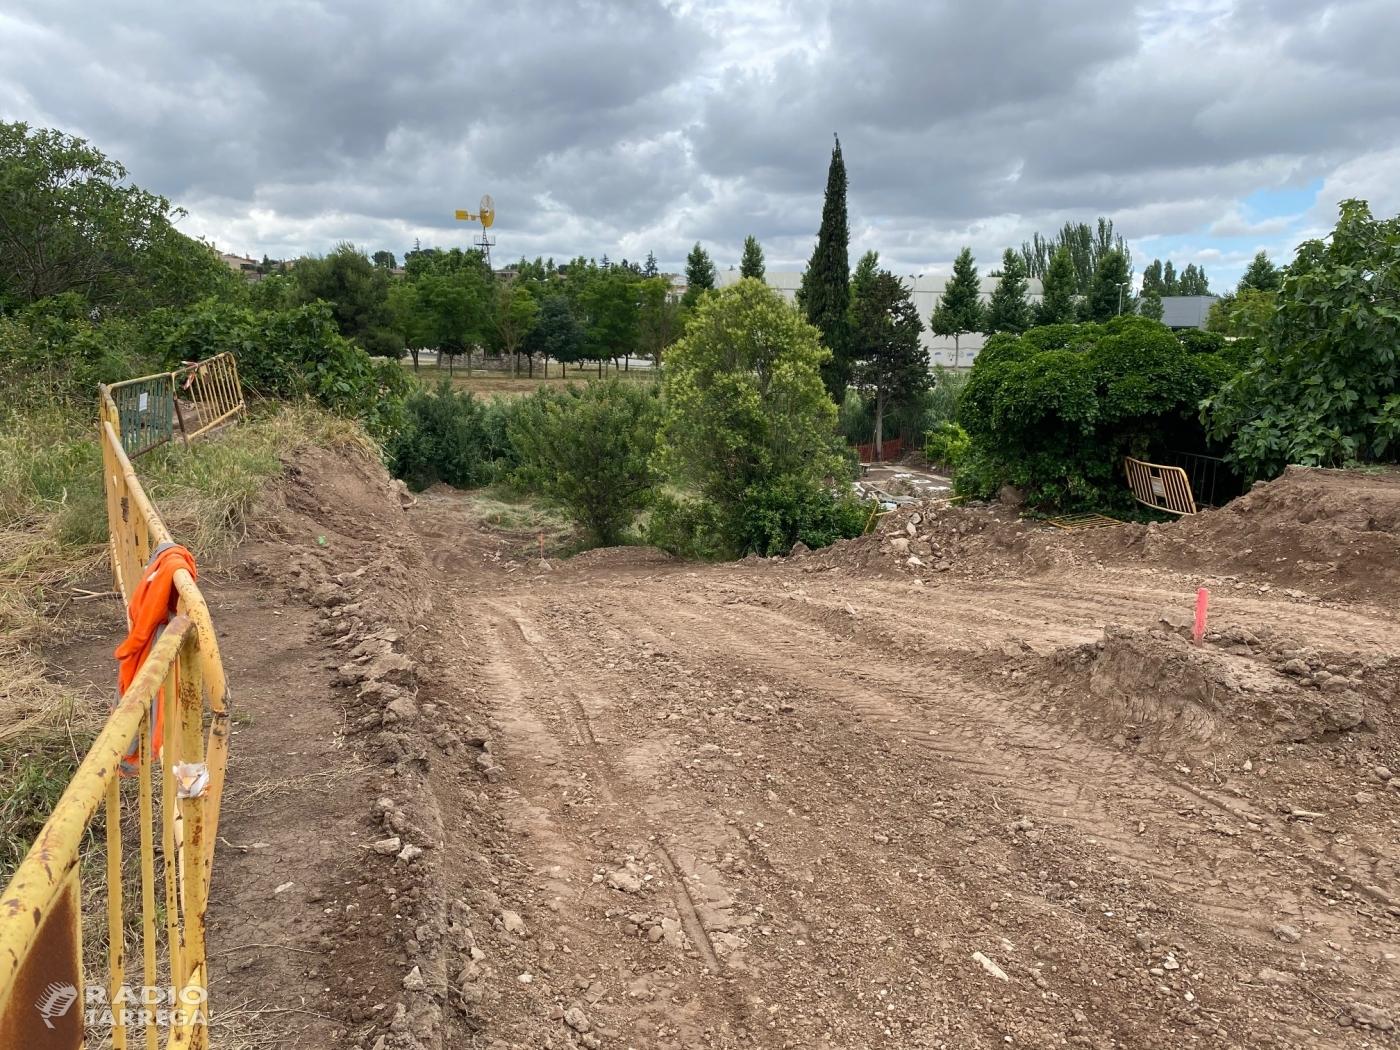 L'Ajuntament de Tàrrega i SOREA instal•len un nou col•lector d'aigües pluvials a la zona del horts